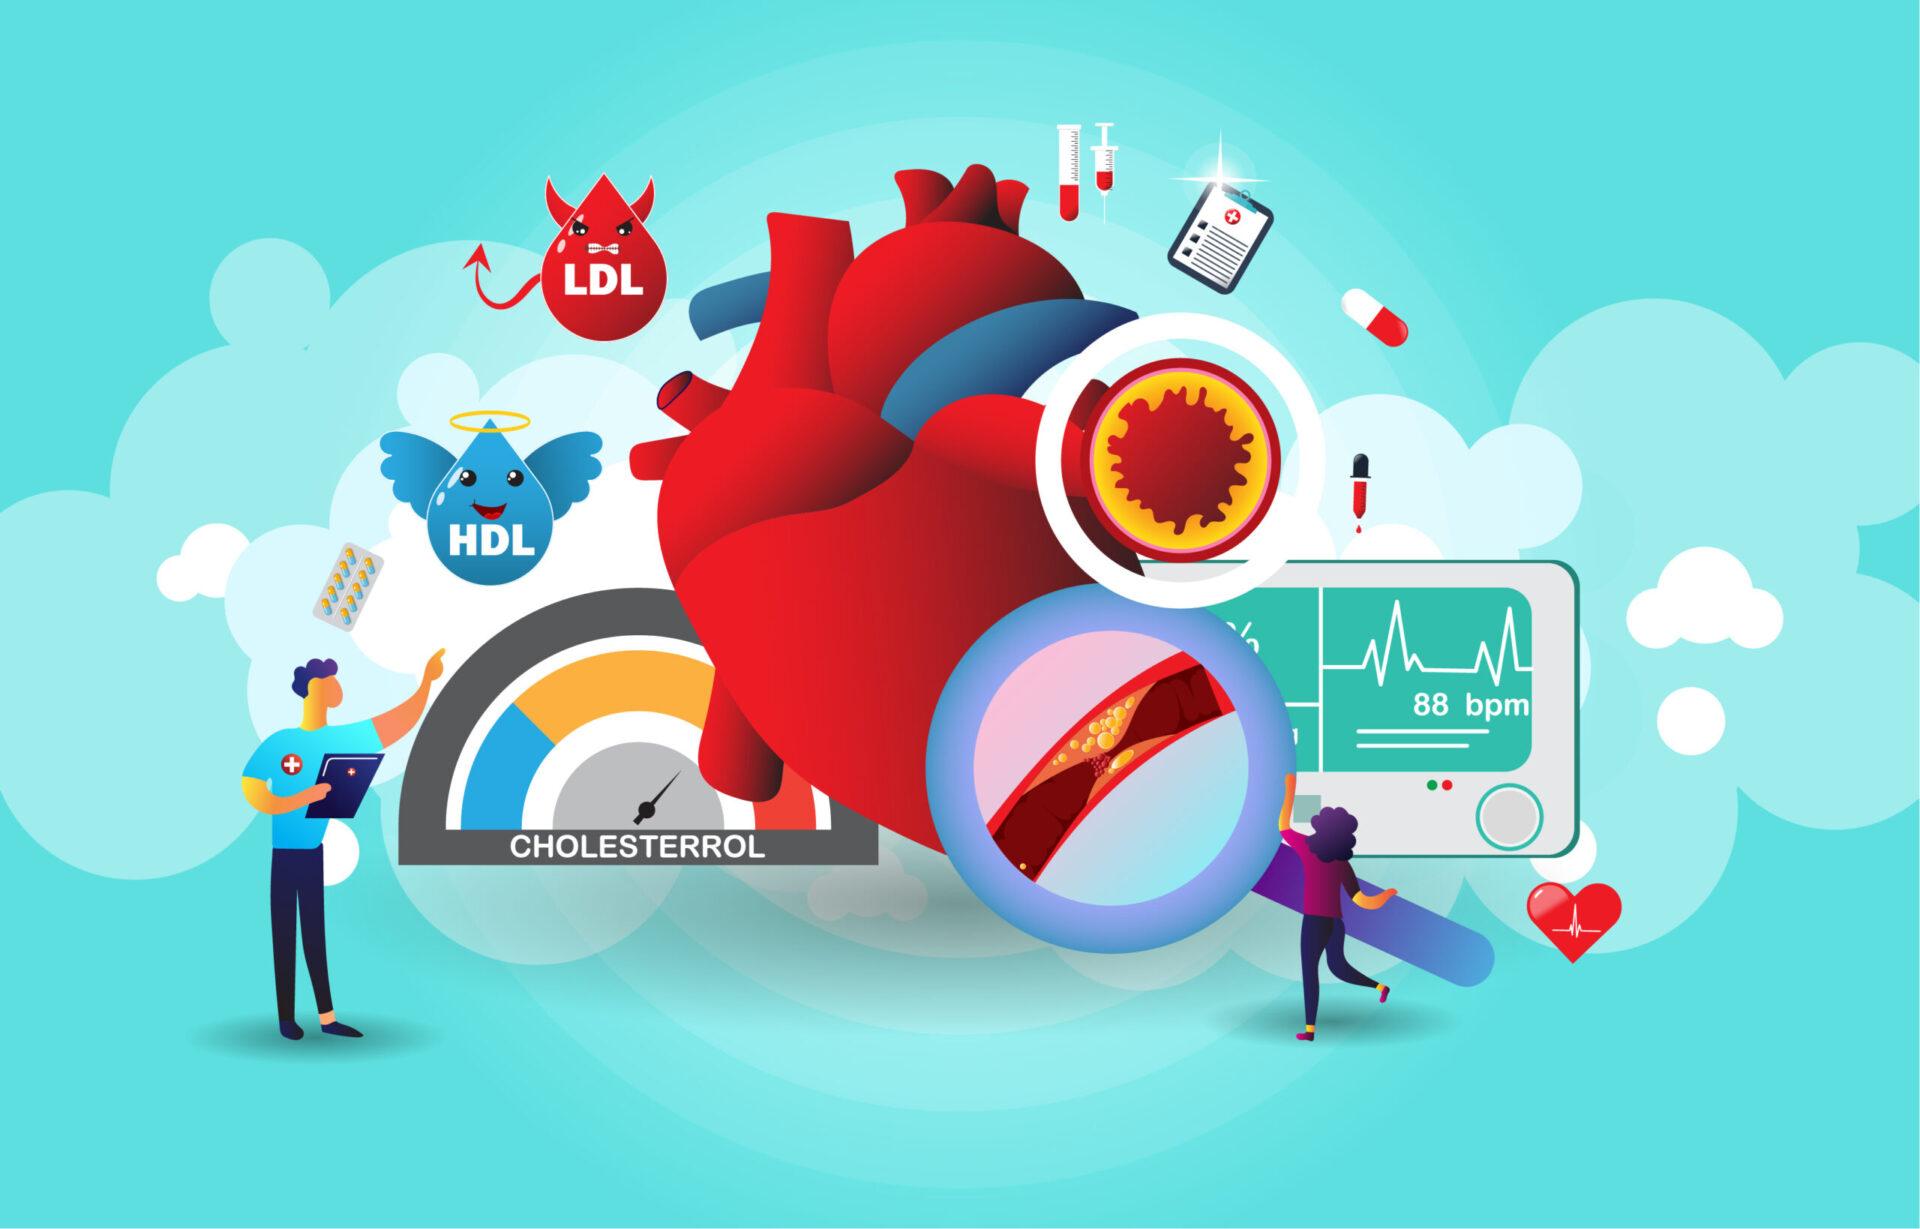 Studiile recente au demonstrat că există o relație directă între colesterol și morbiditatea și mortalitatea cardiovasculară.